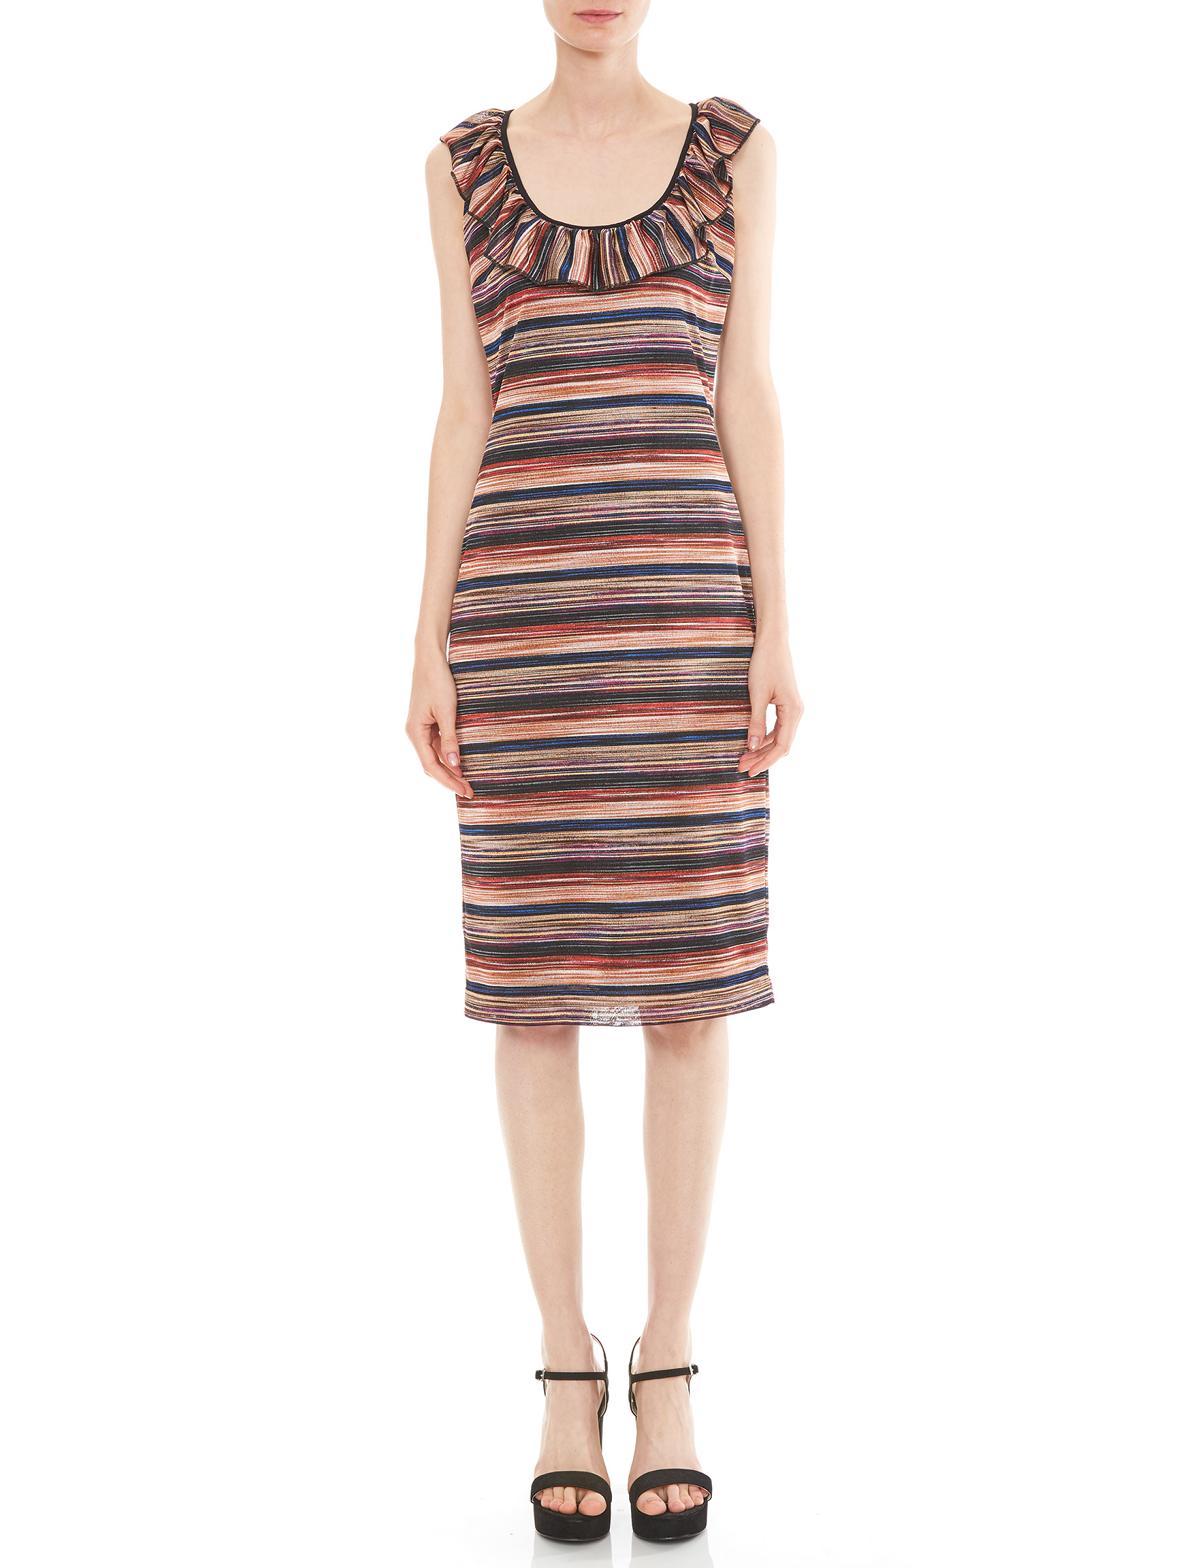 Vorderansicht von Ana Alcazar Rüschenkleid Maryolea  angezogen an Model